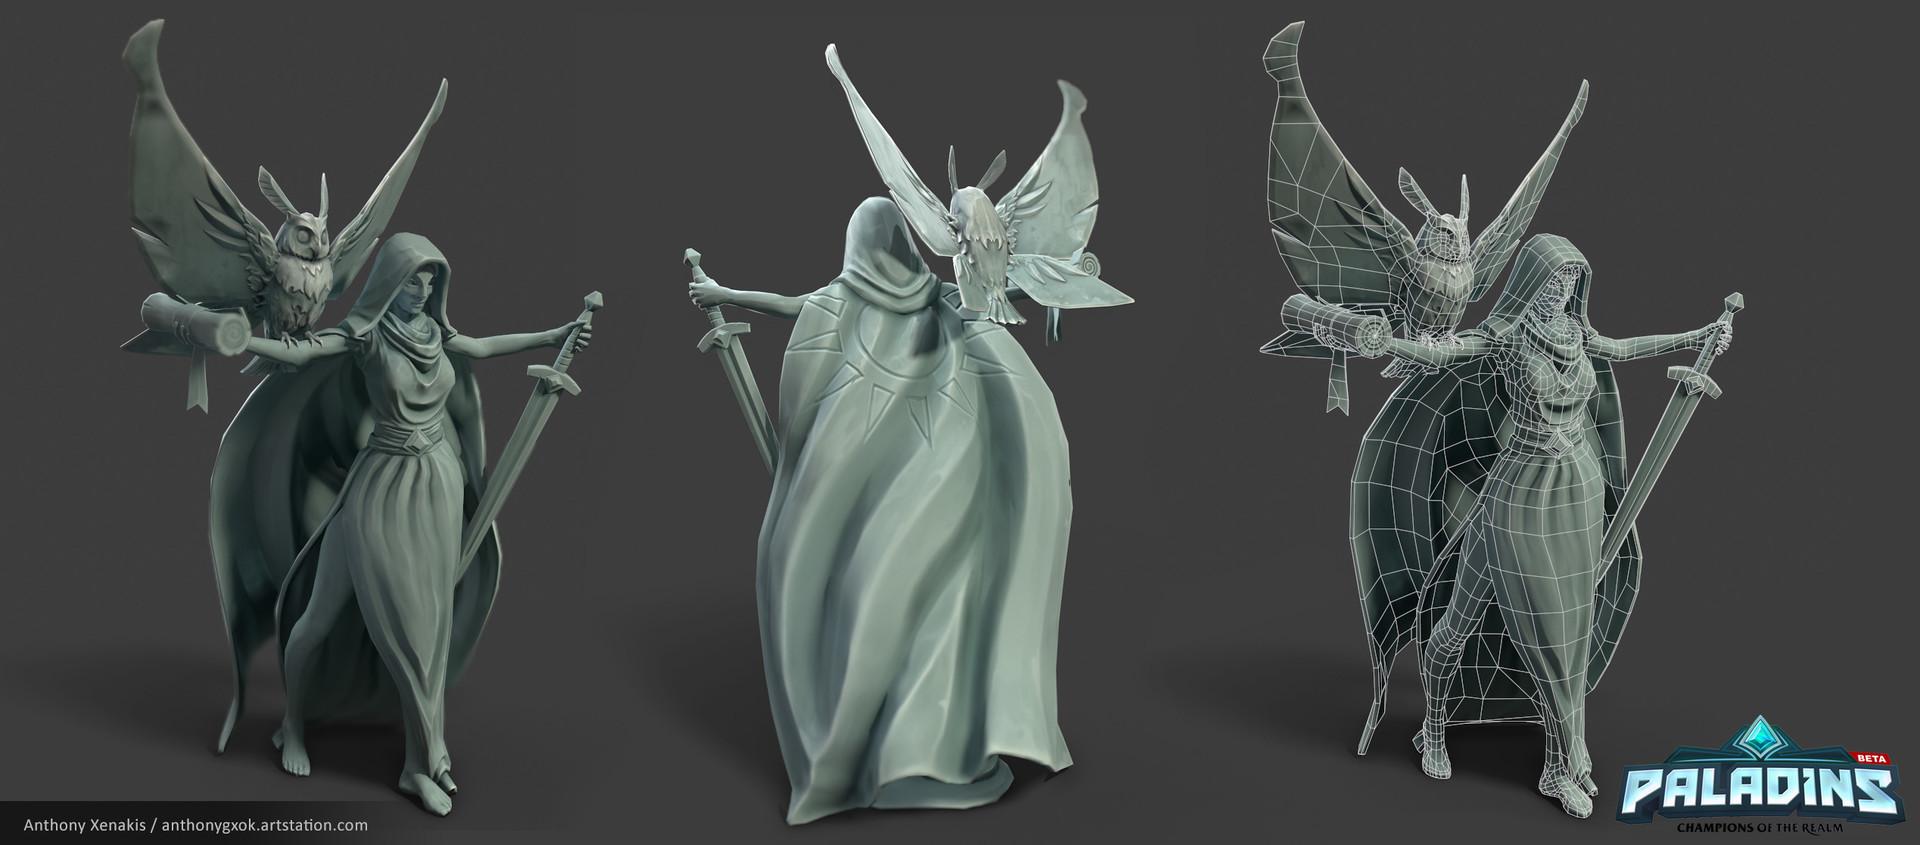 Anthony xenakis statuec renders lp3